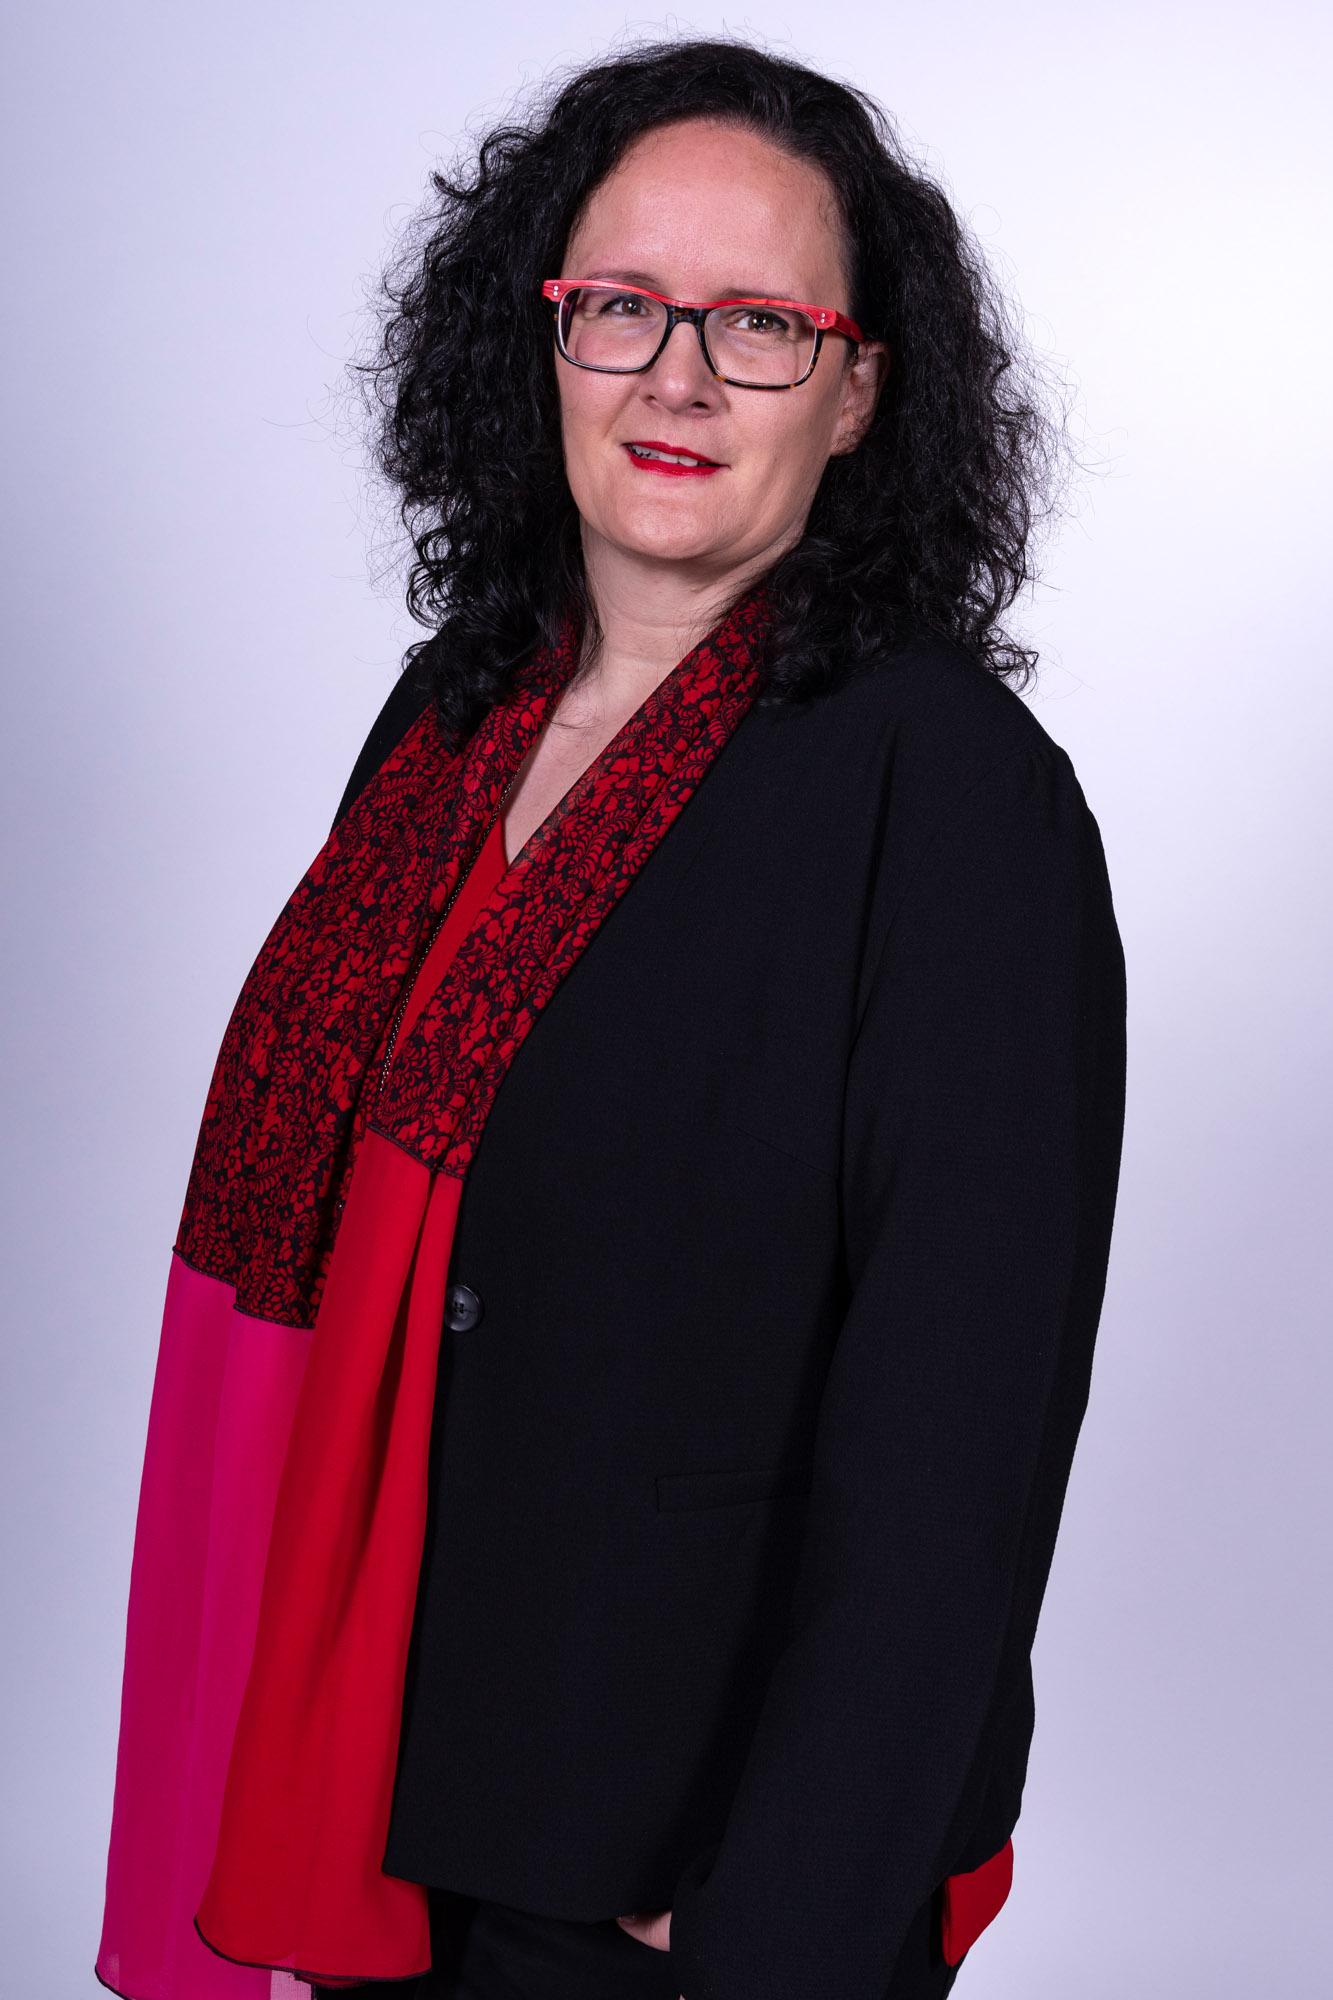 Katja Zunker